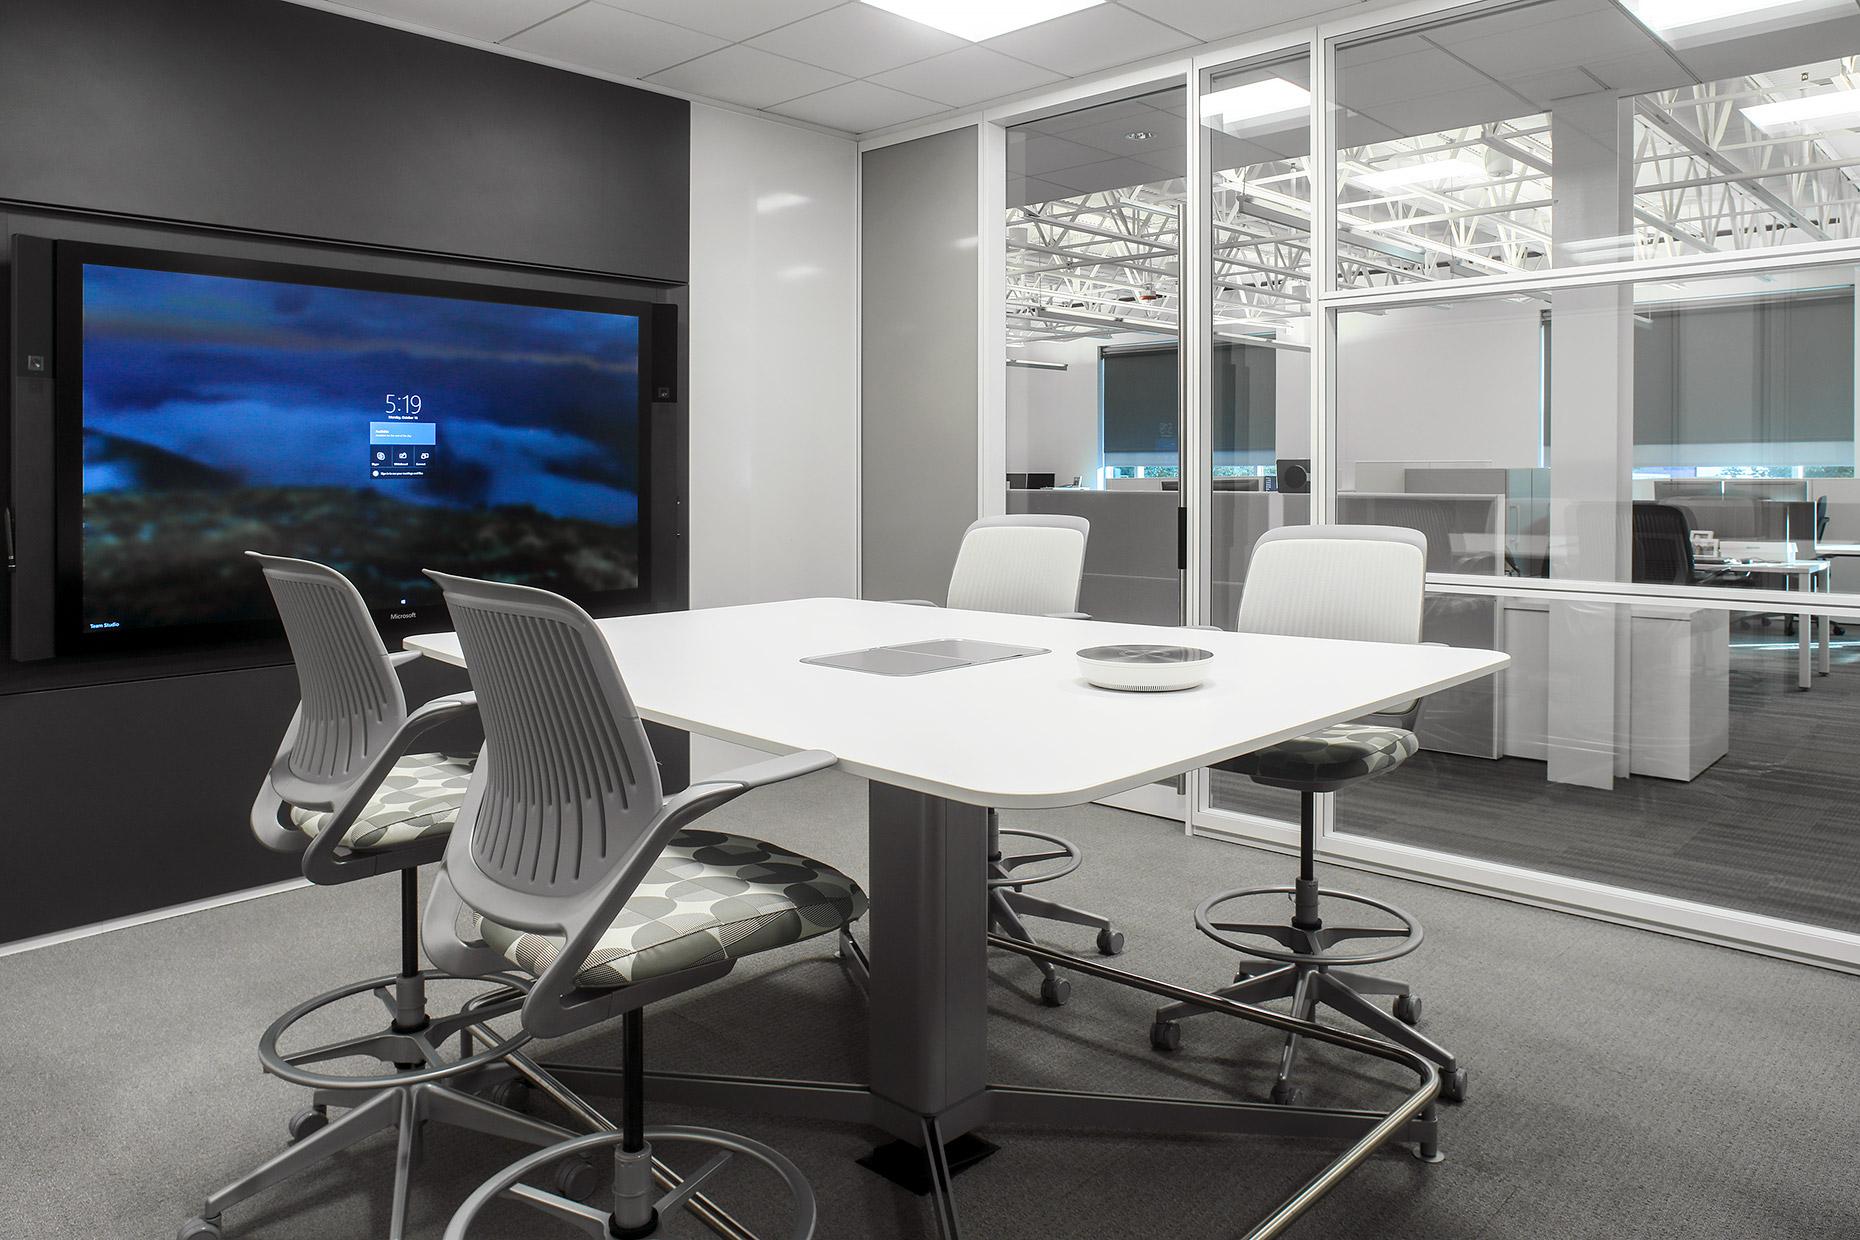 team studio-huddle room